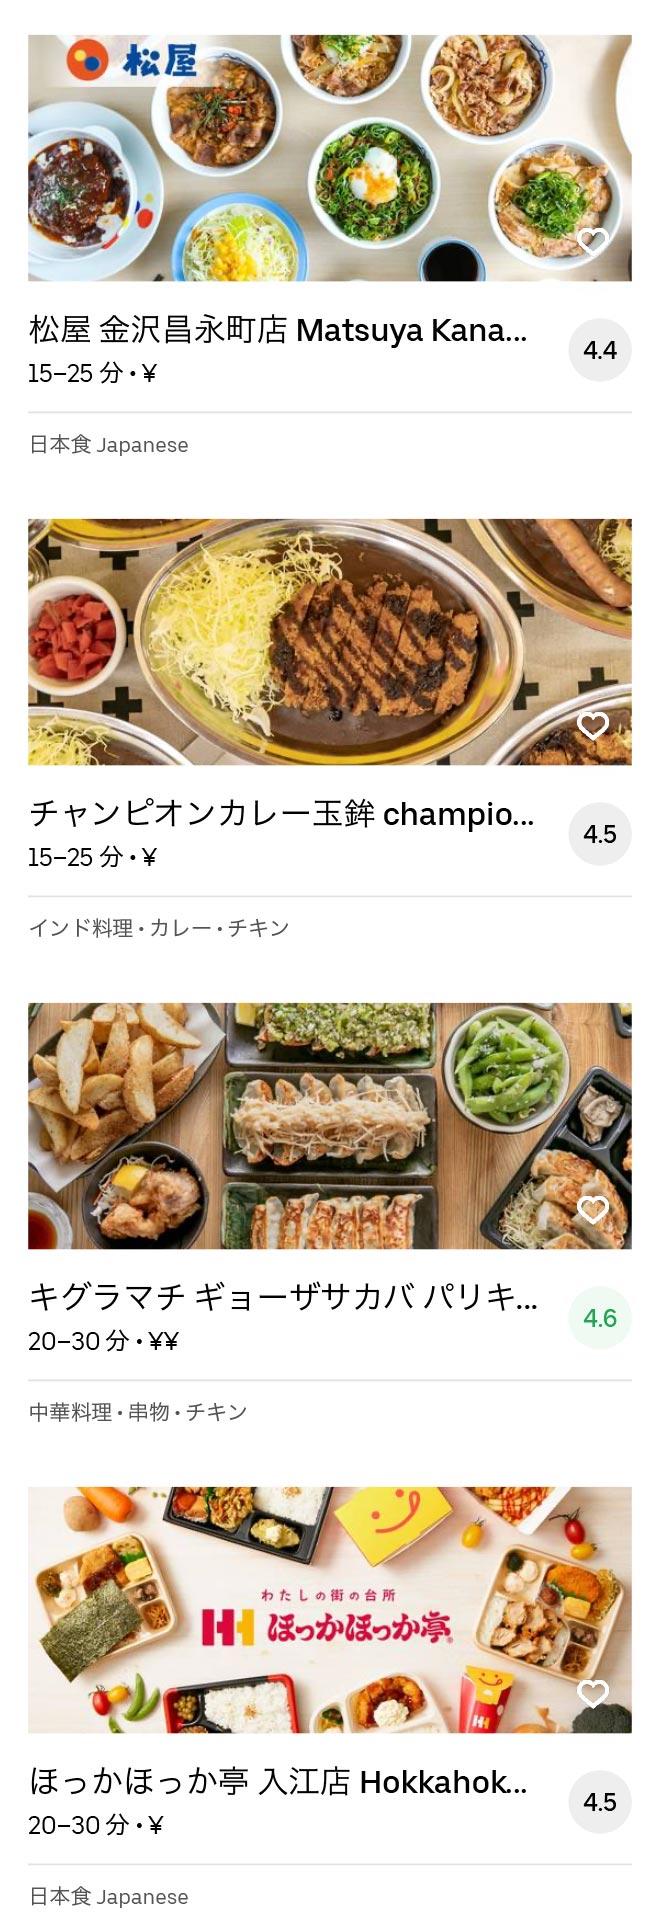 Kanazawa menu 2005 02